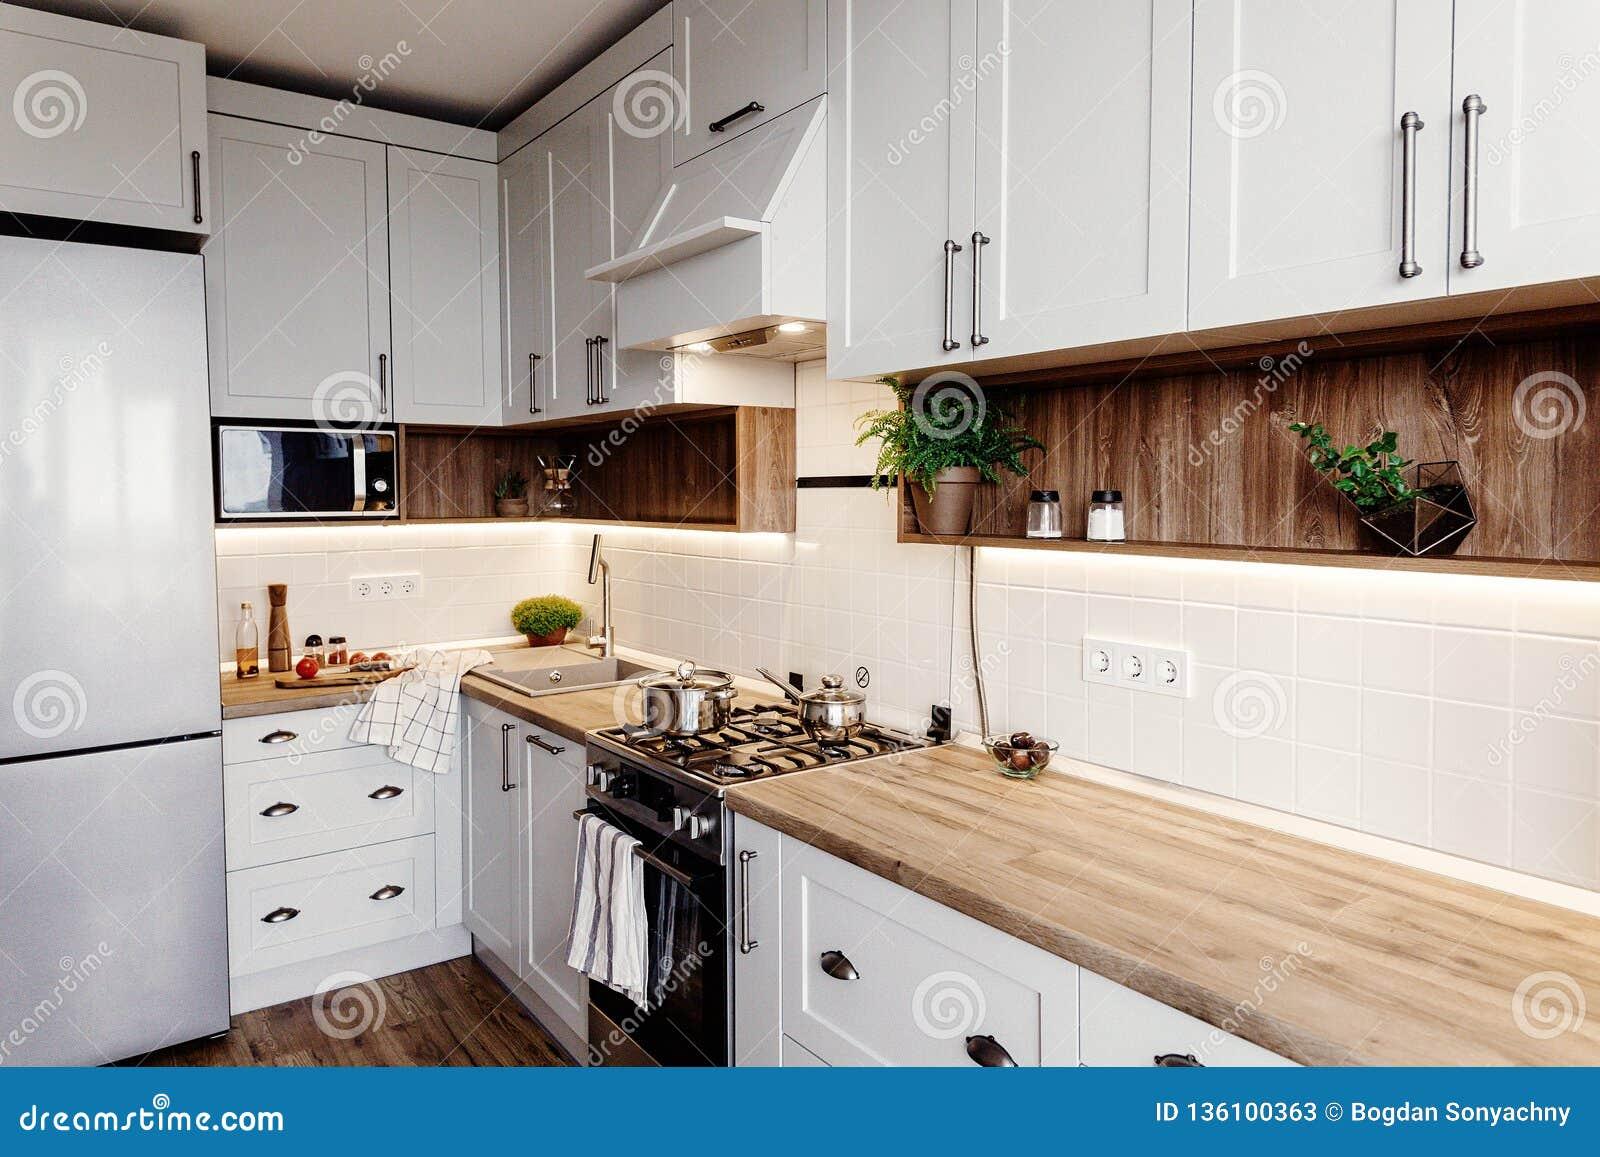 Stylish Kitchen Interior Design. Luxury Modern Kitchen Furniture ...